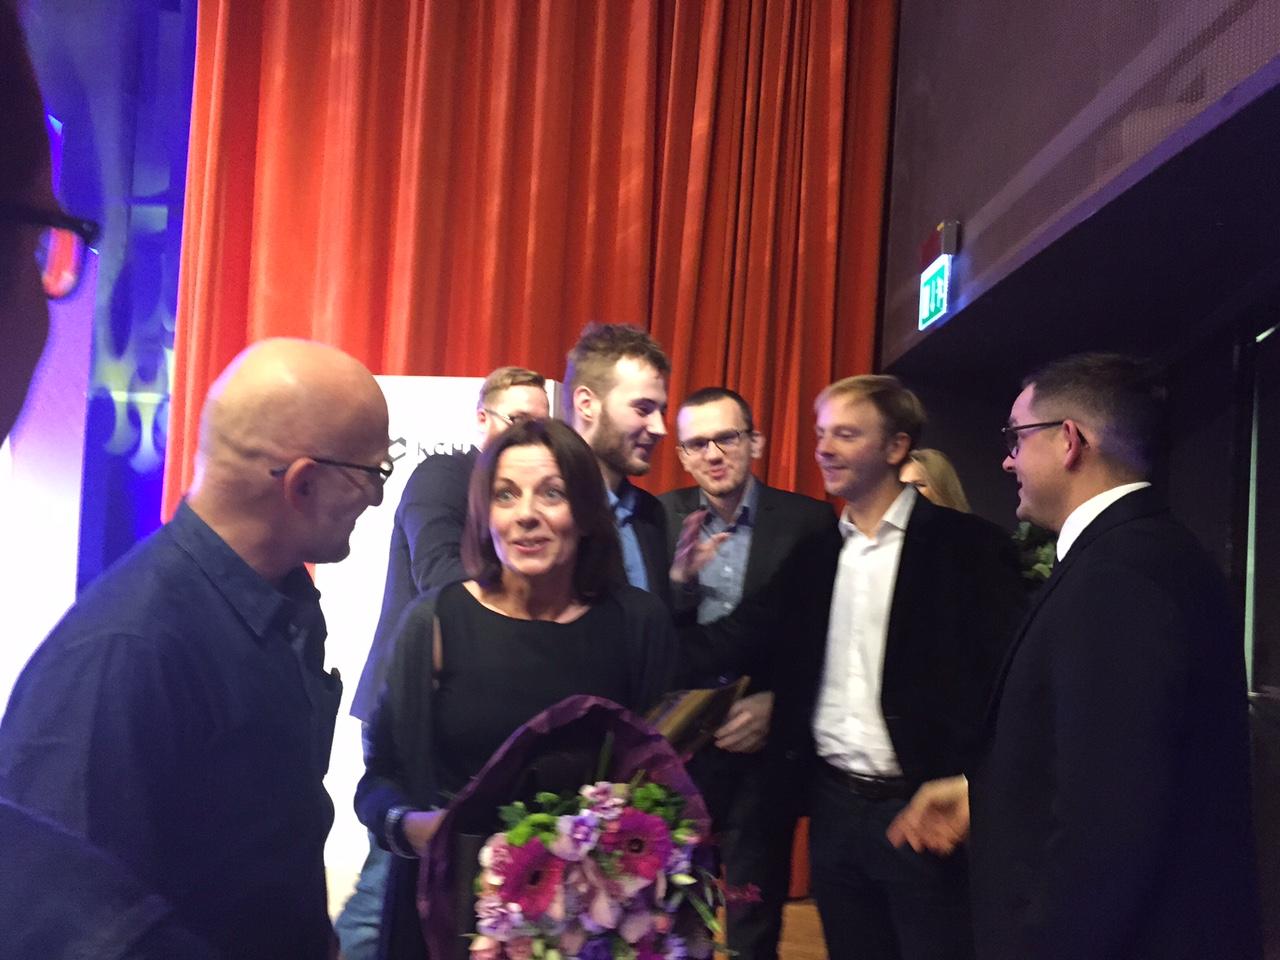 Od lewej: Piotr Pacewicz, Bianka Mikołajewska, Jakub Stachowiak (z tyłu), Konrad Szczygieł, Patryk Szczepaniak, Konrad Radecki-Mikulicz, Stanisław Skarżyński, gala Grand Press, 13 grudnia 2016